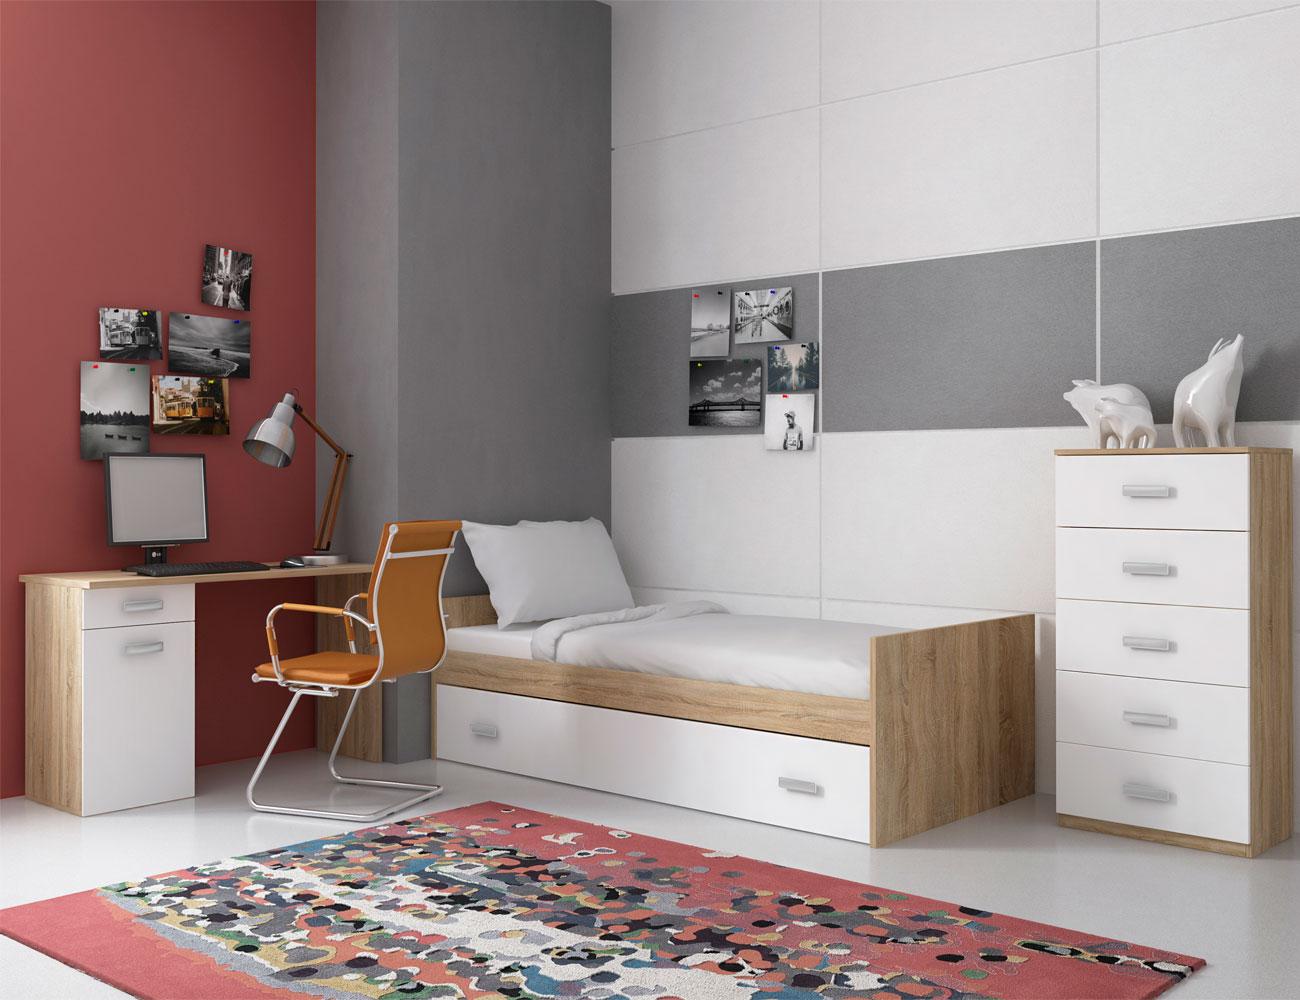 dormitorio juvenil con cama nido sinfonier y mesa estudio